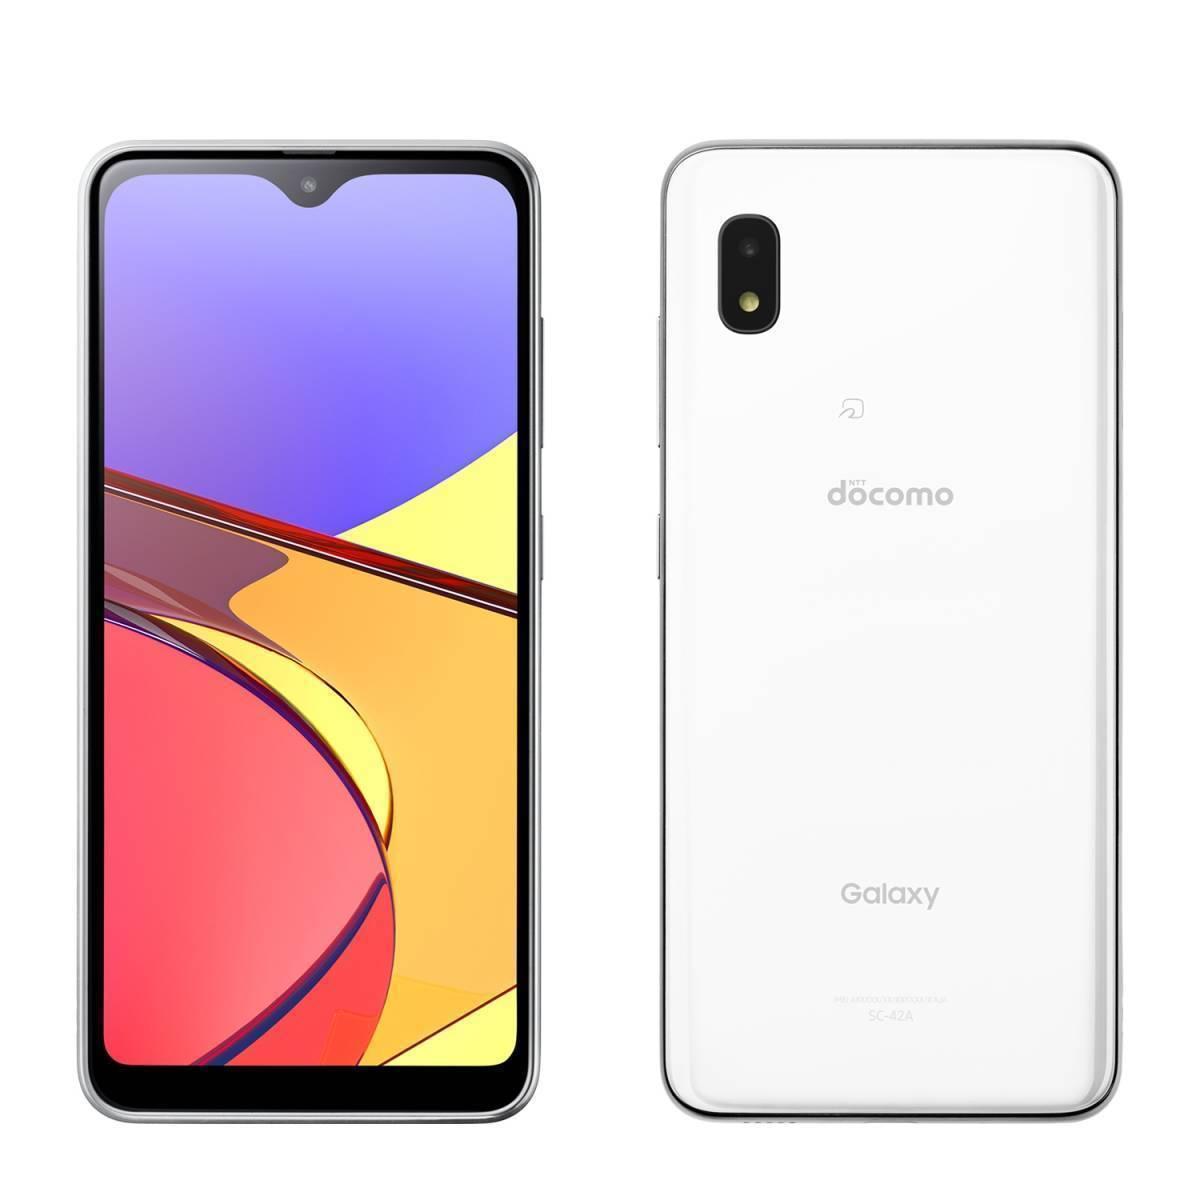 【送料無料】新品未使用品 docomo Galaxy A21 SC-42A Red ホワイト 本体 SIMロック解除済(SIMフリー) コード付_画像1